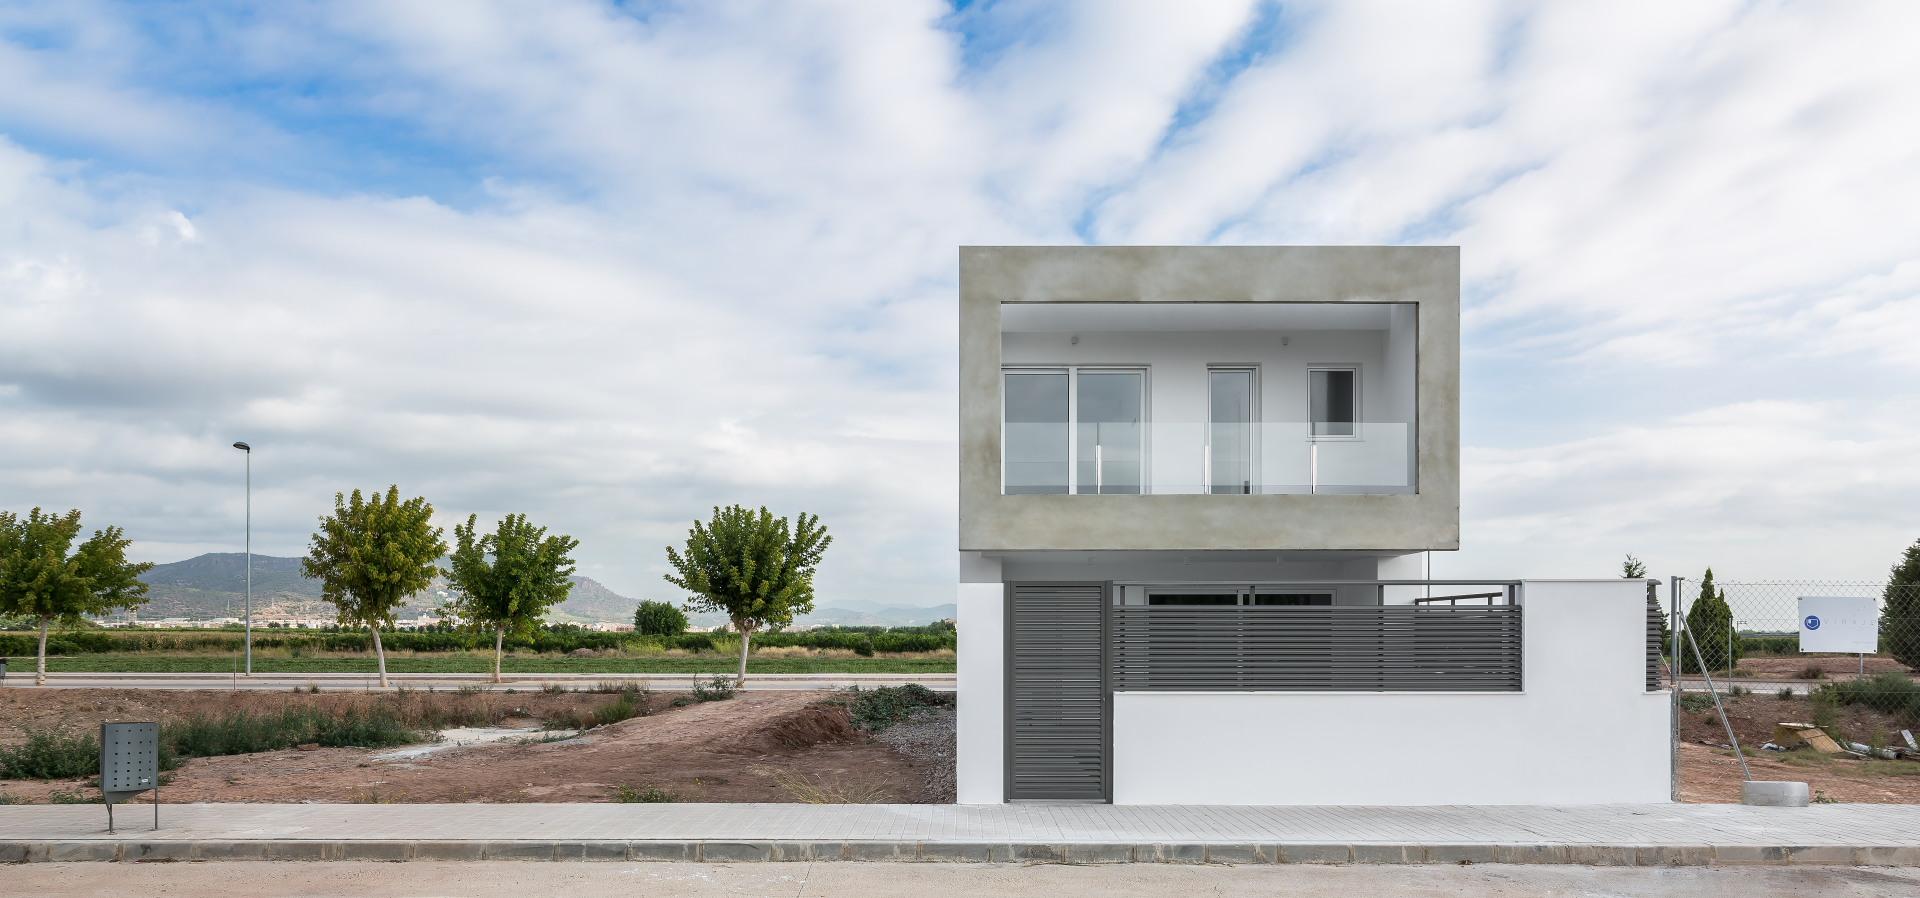 fotografia-arquitectura-valencia-puig-german-cabo-viraje-v15 (1)